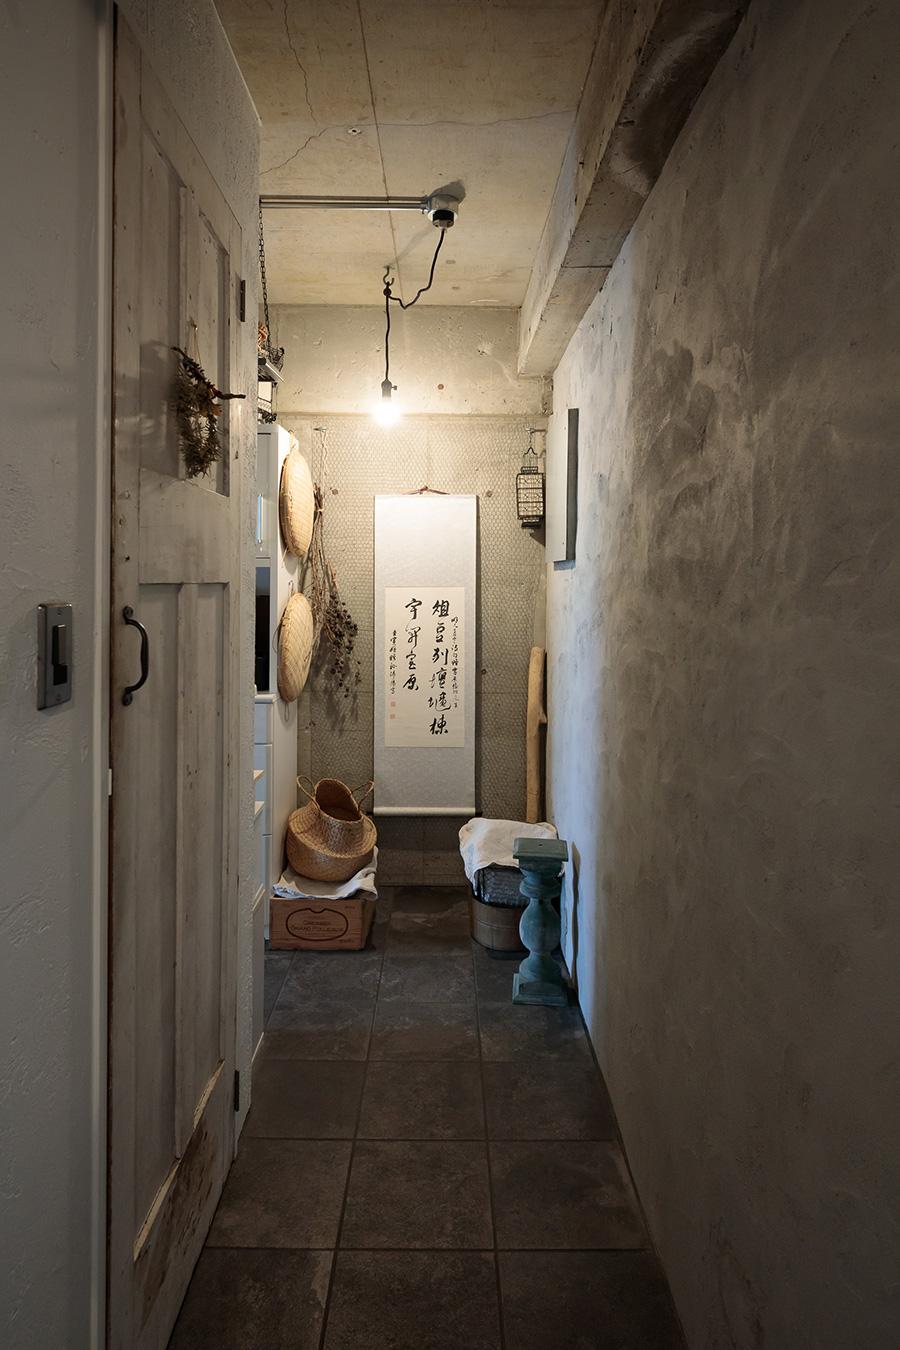 中国の掛け軸をかけた壁は、鉄線の網をかけ、東アジア風の情緒あふれる一角を演出。